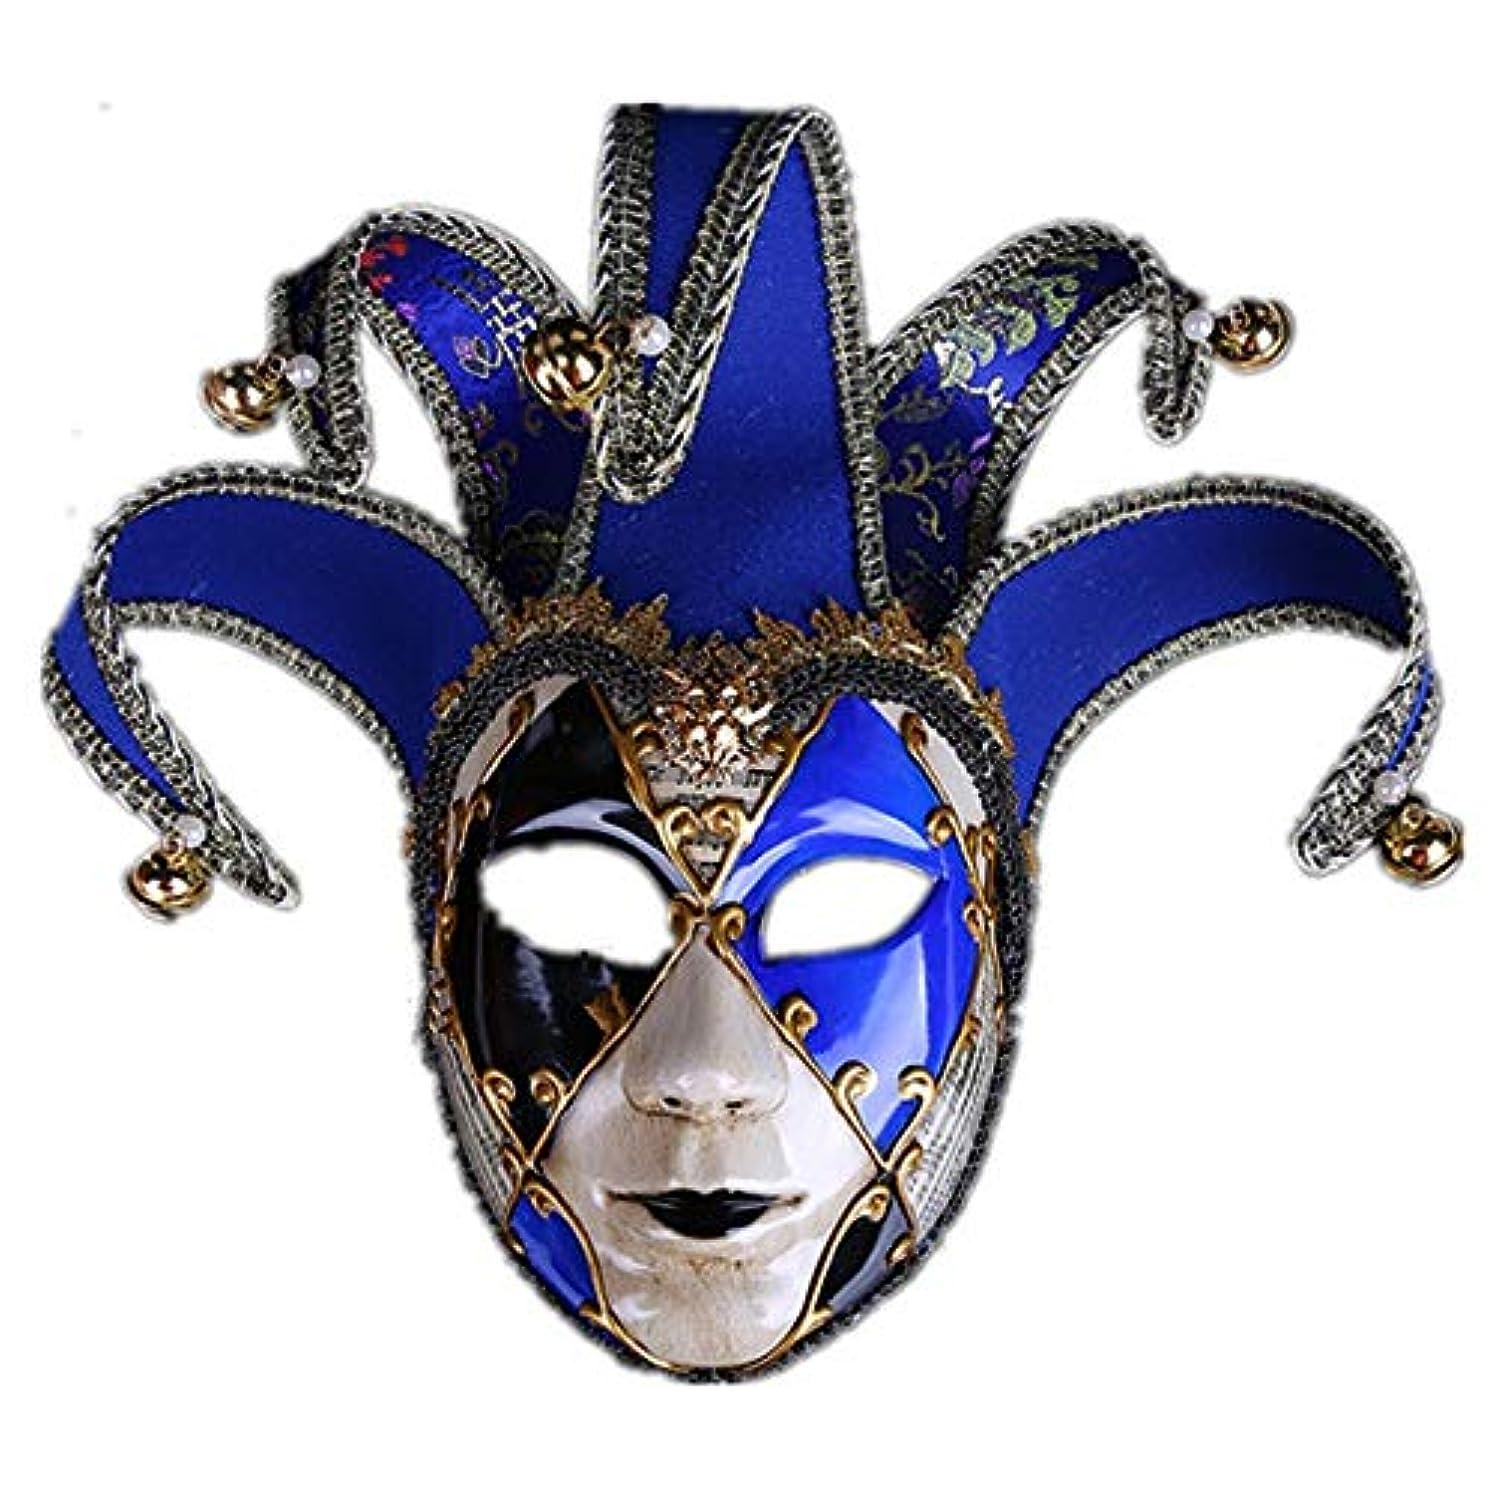 そんなに絶望的な安心ダンスマスク ハロウィーンパフォーマンスパフォーマンスマスクマスカレード雰囲気用品クリスマスホリデーパーティーボールハロウィーンカーニバル ホリデーパーティー用品 (色 : 青, サイズ : 45x15.8cm)